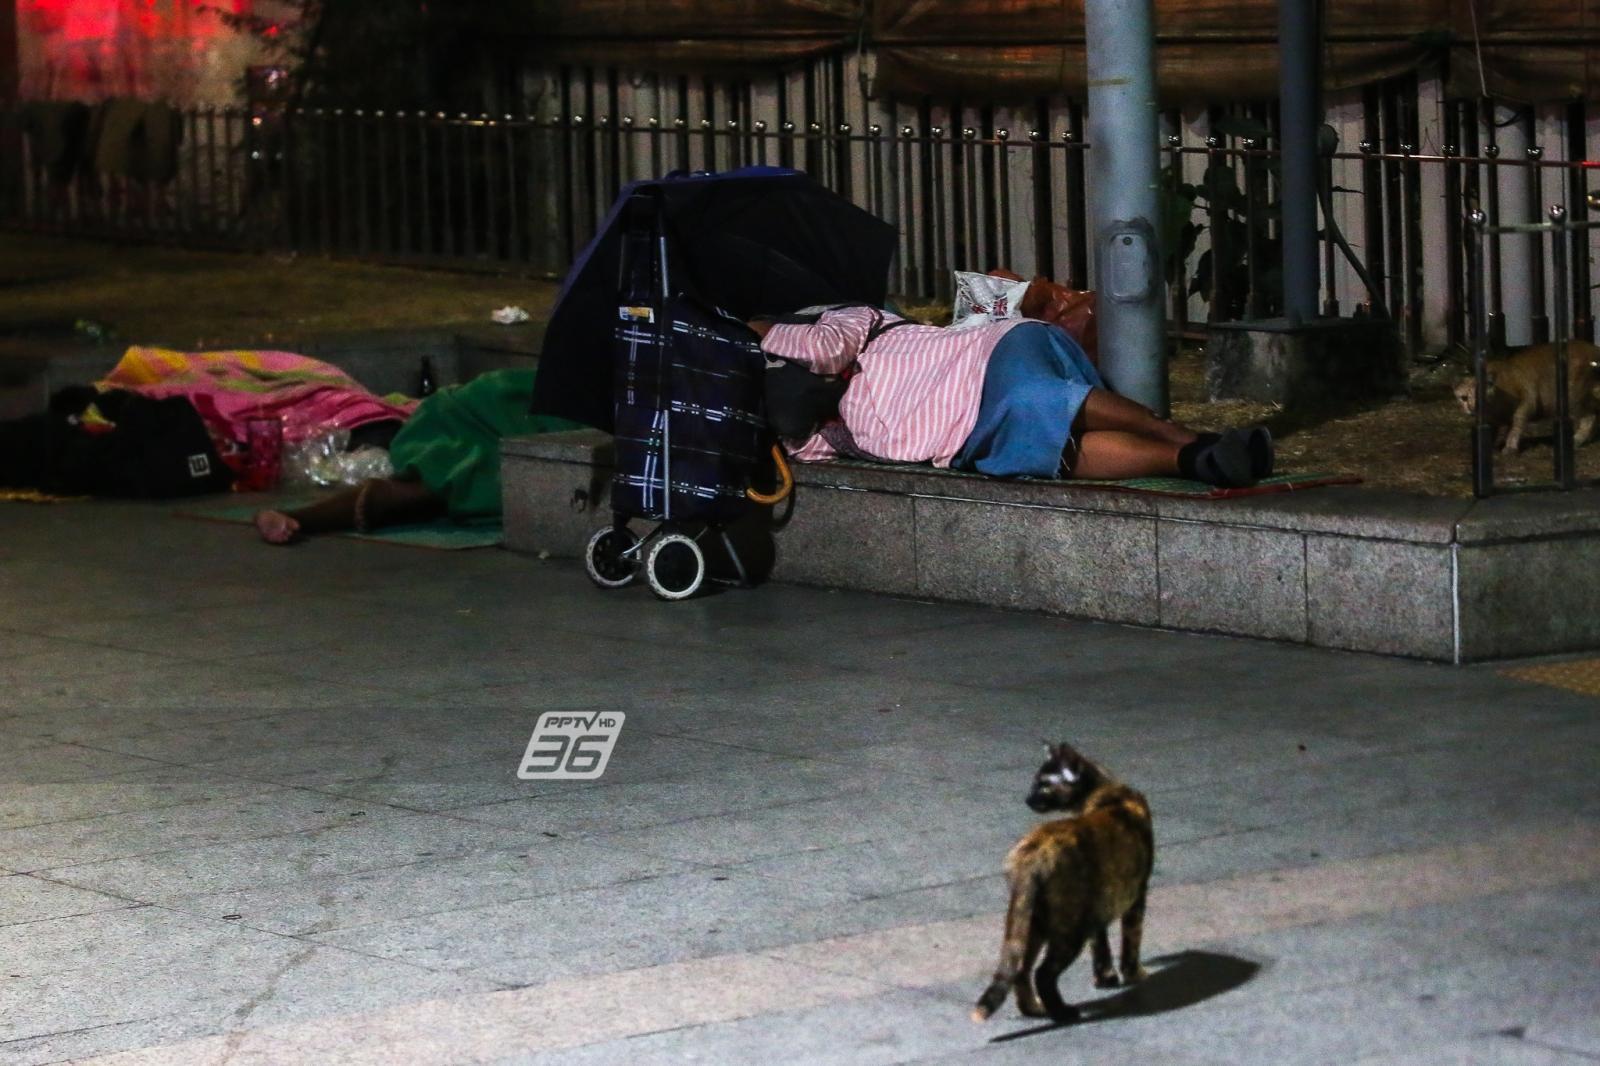 หายหนาวแล้ว! ช่วยคนไร้บ้านหัวลำโพง หลังต้องนอนเผชิญความหนาวเย็น ไร้ผ้าห่ม ต้องซุกกายกับเสื้อ